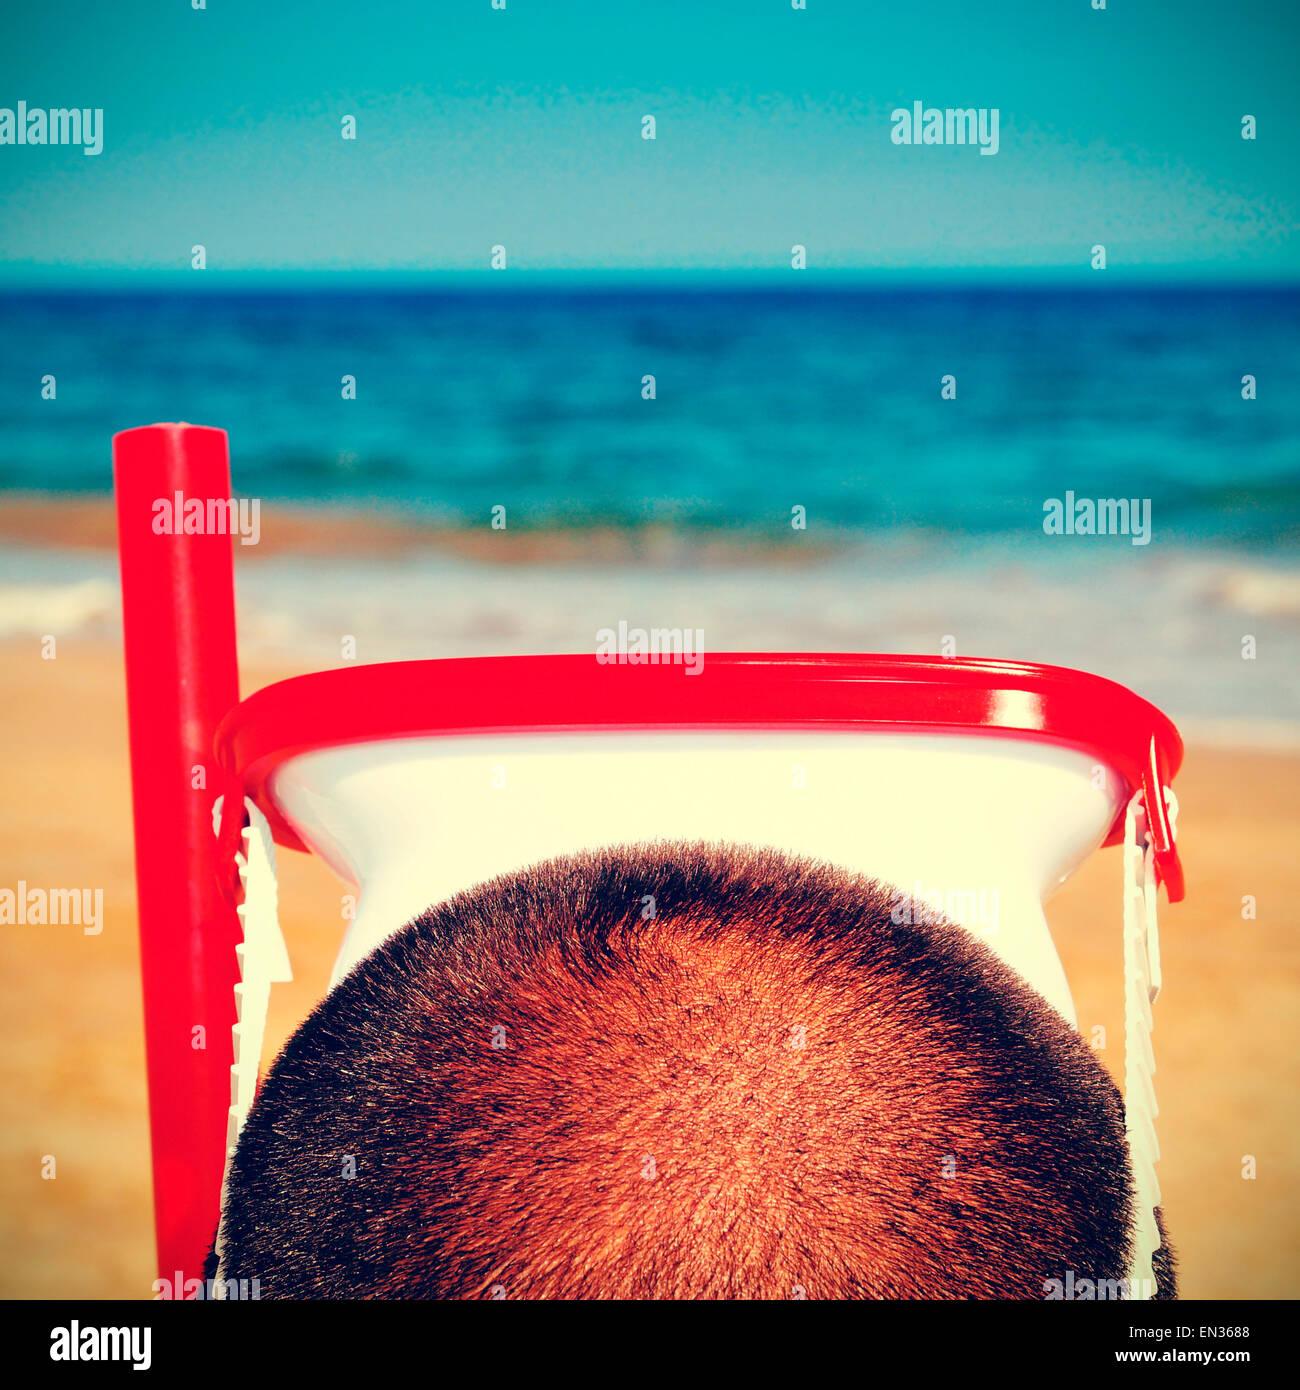 Foto dal retro di un uomo che indossa una maschera subacquea e un boccaglio sulla spiaggia, con un effetto retrò Immagini Stock